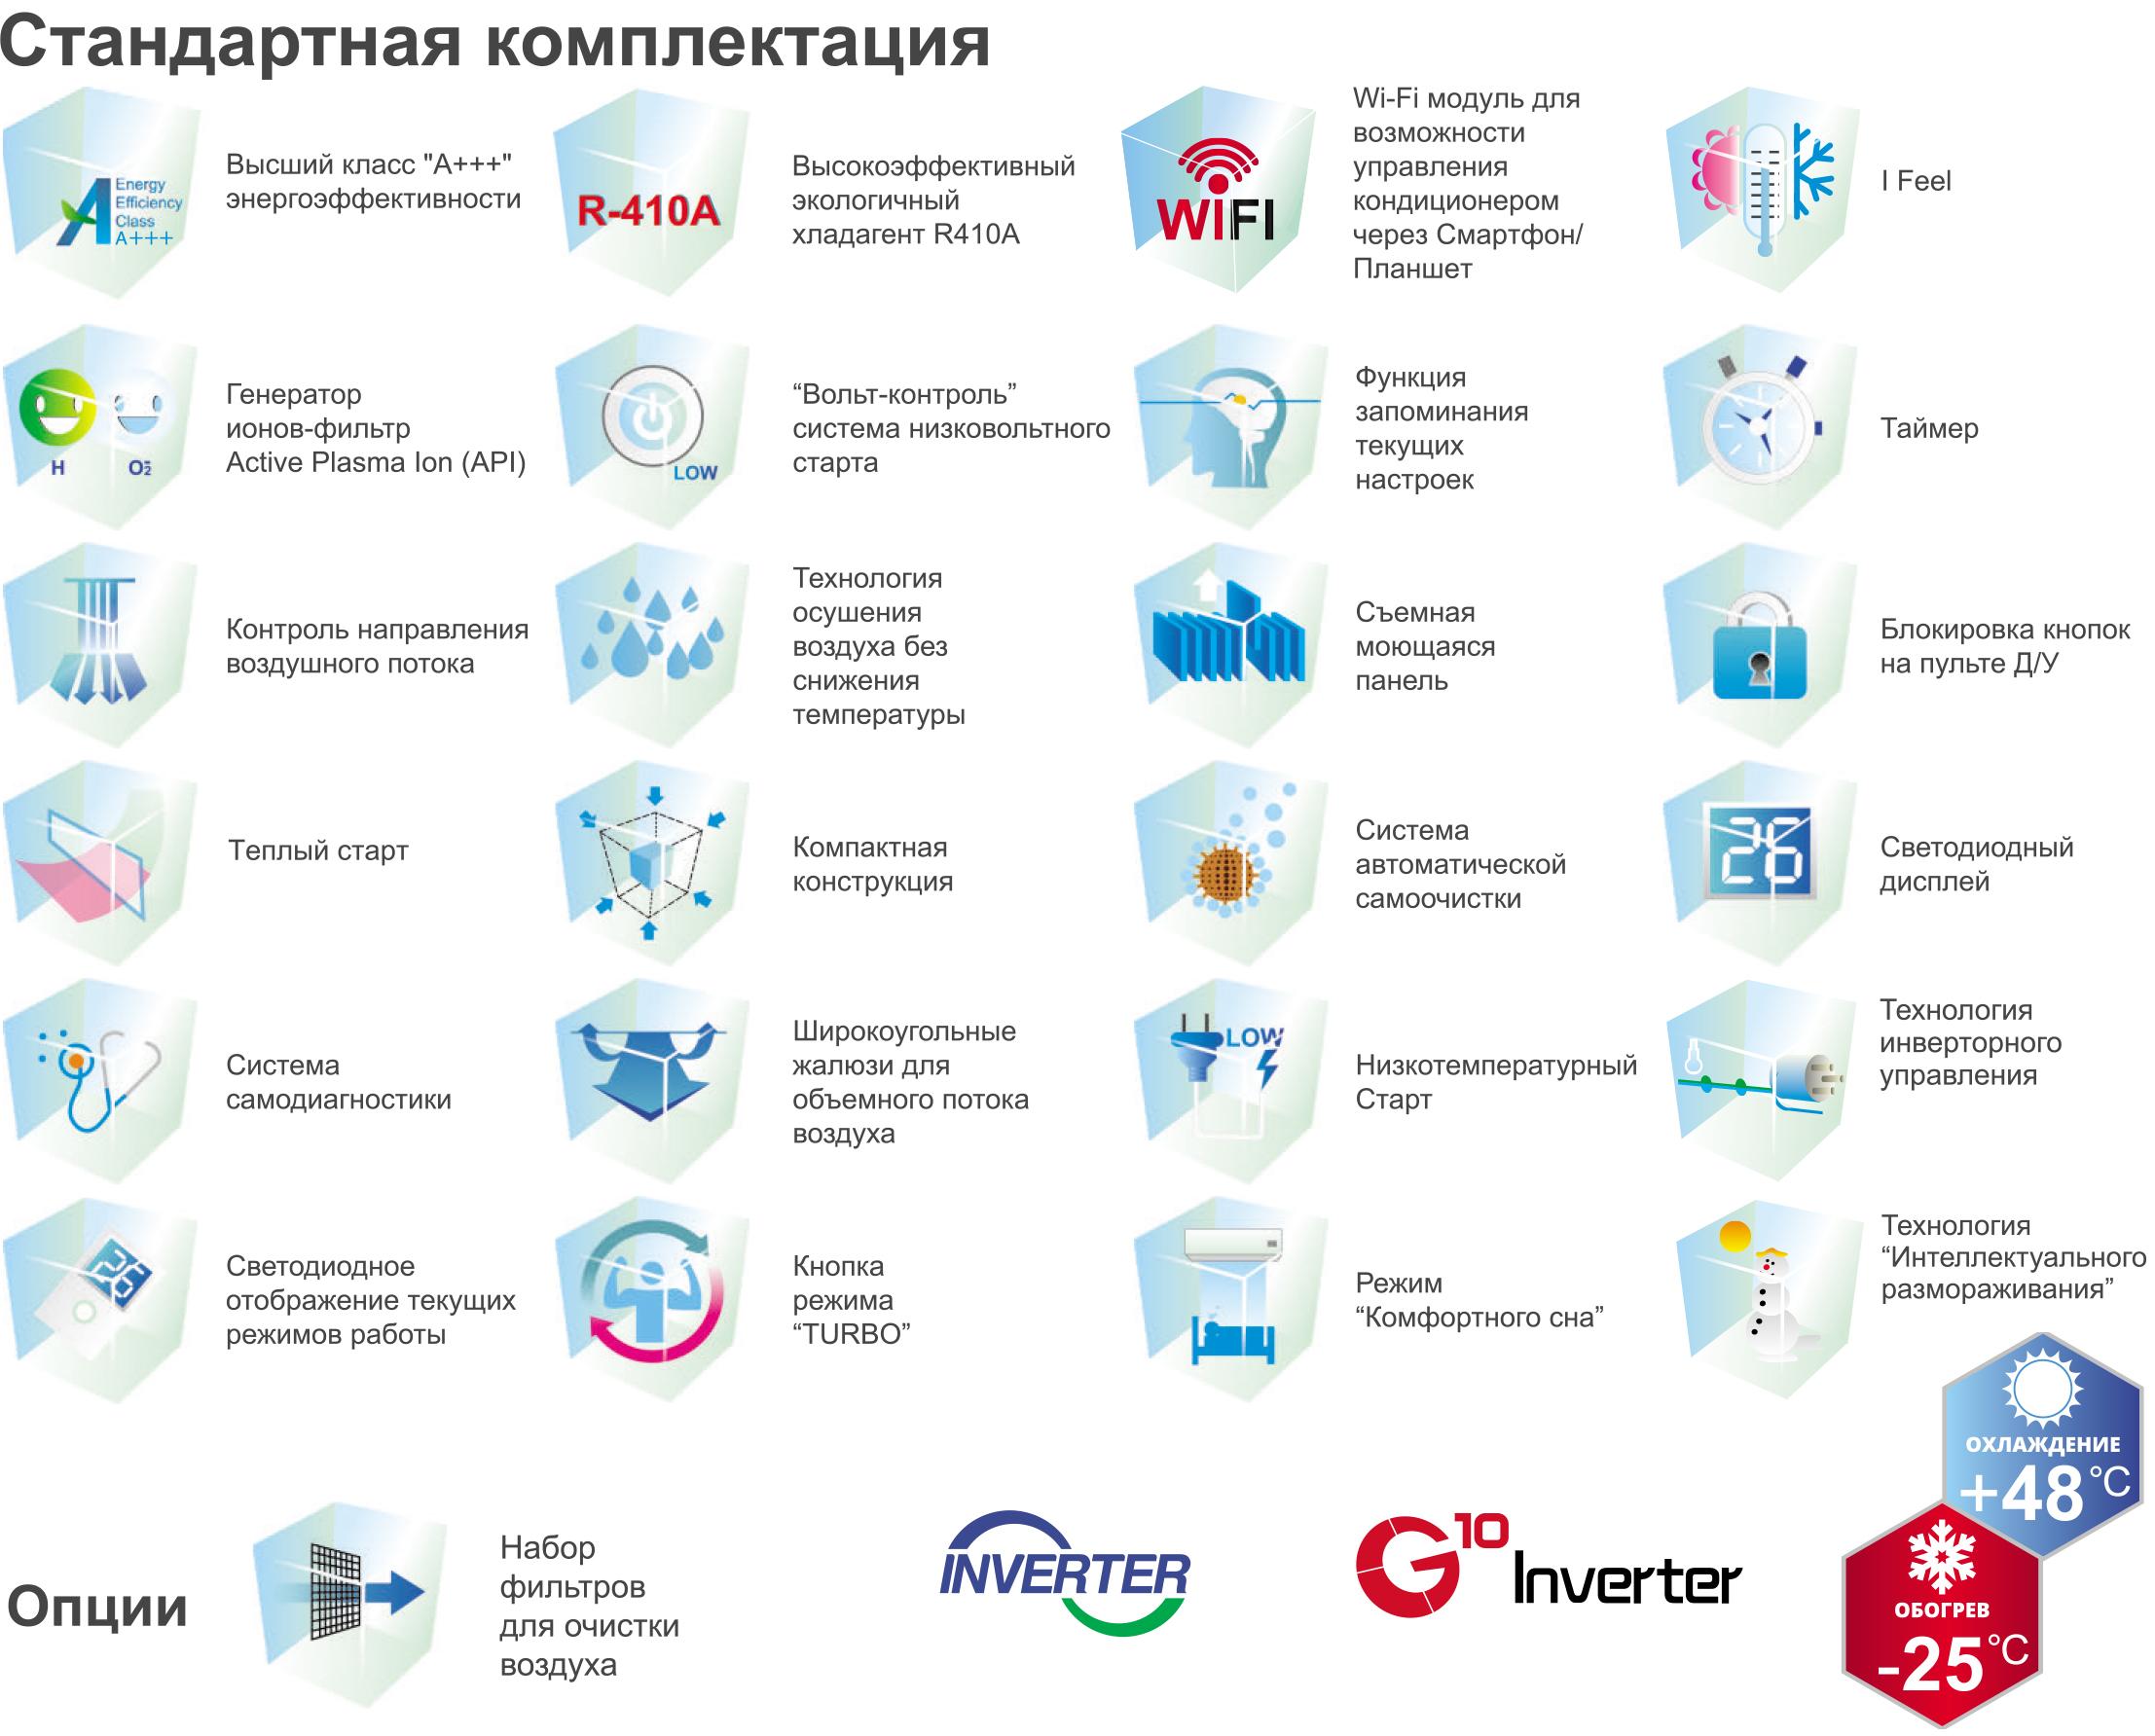 Функции и основные особенности кондиционера Tosot GL-18WF серии HANSOL Winter Inverter